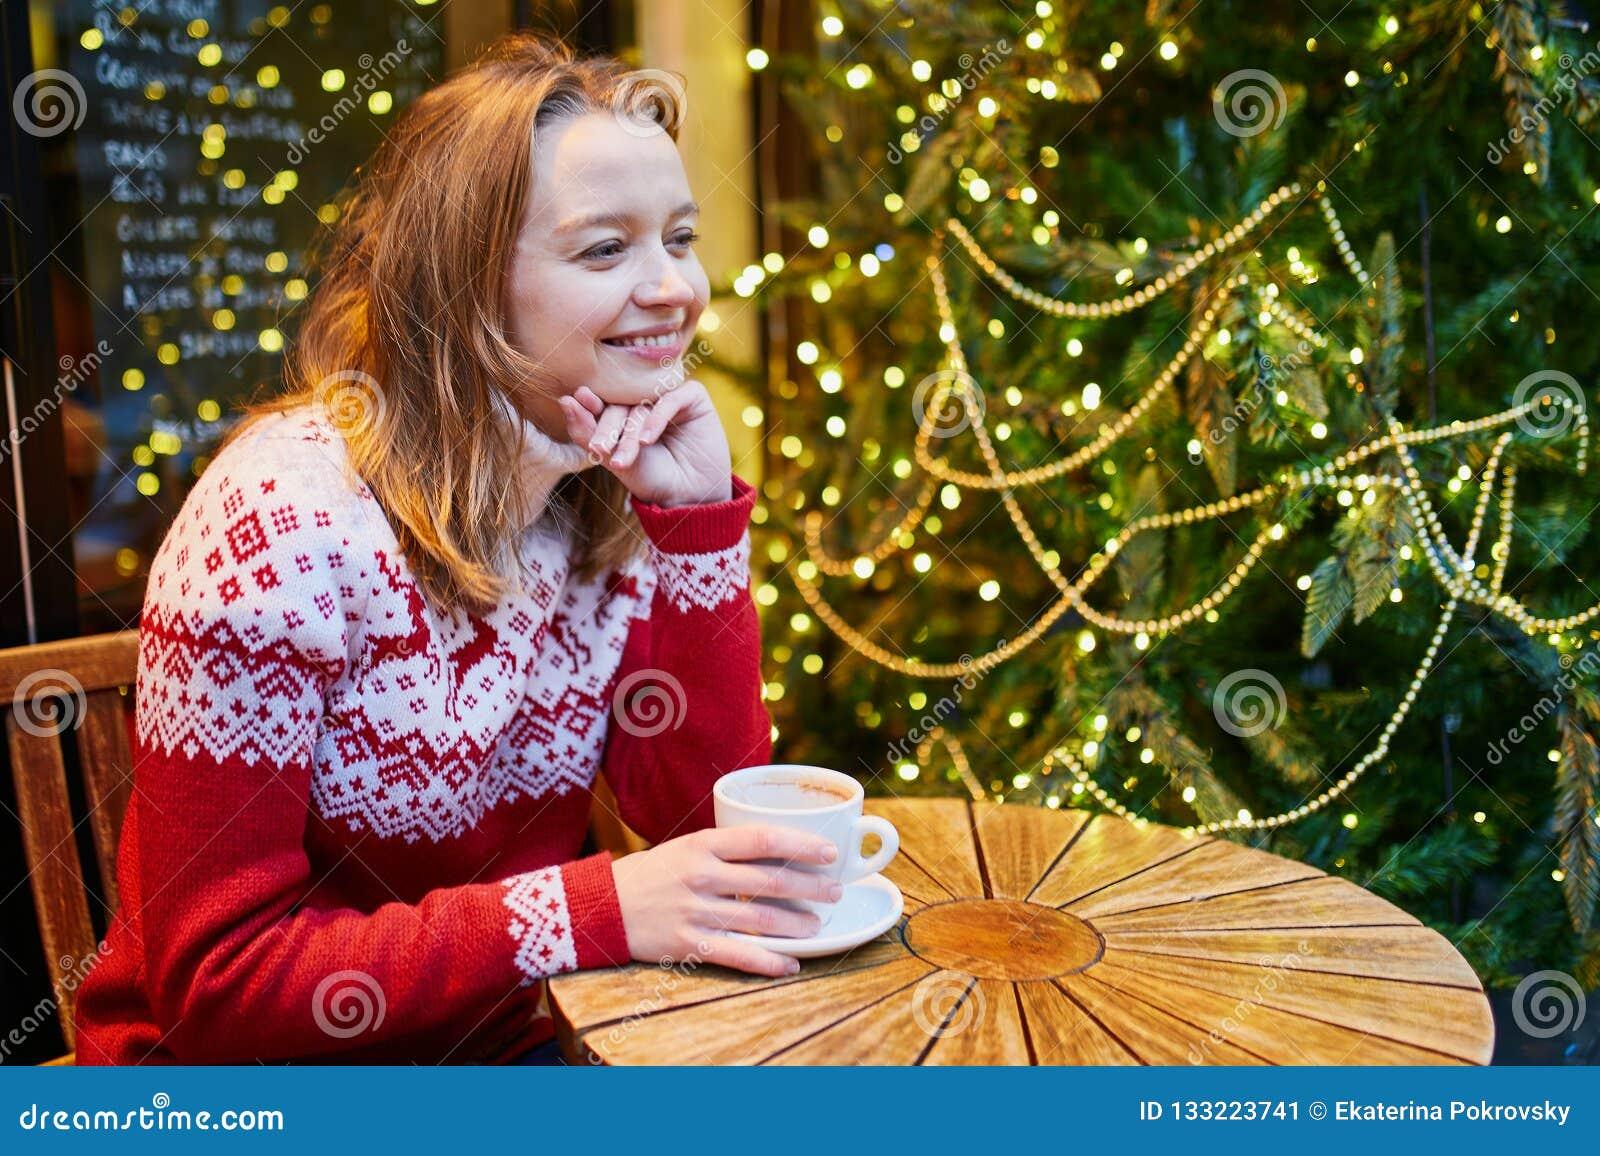 Κορίτσι στον καφέ κατανάλωσης πουλόβερ διακοπών ή καυτή σοκολάτα στον καφέ που διακοσμείται για τα Χριστούγεννα